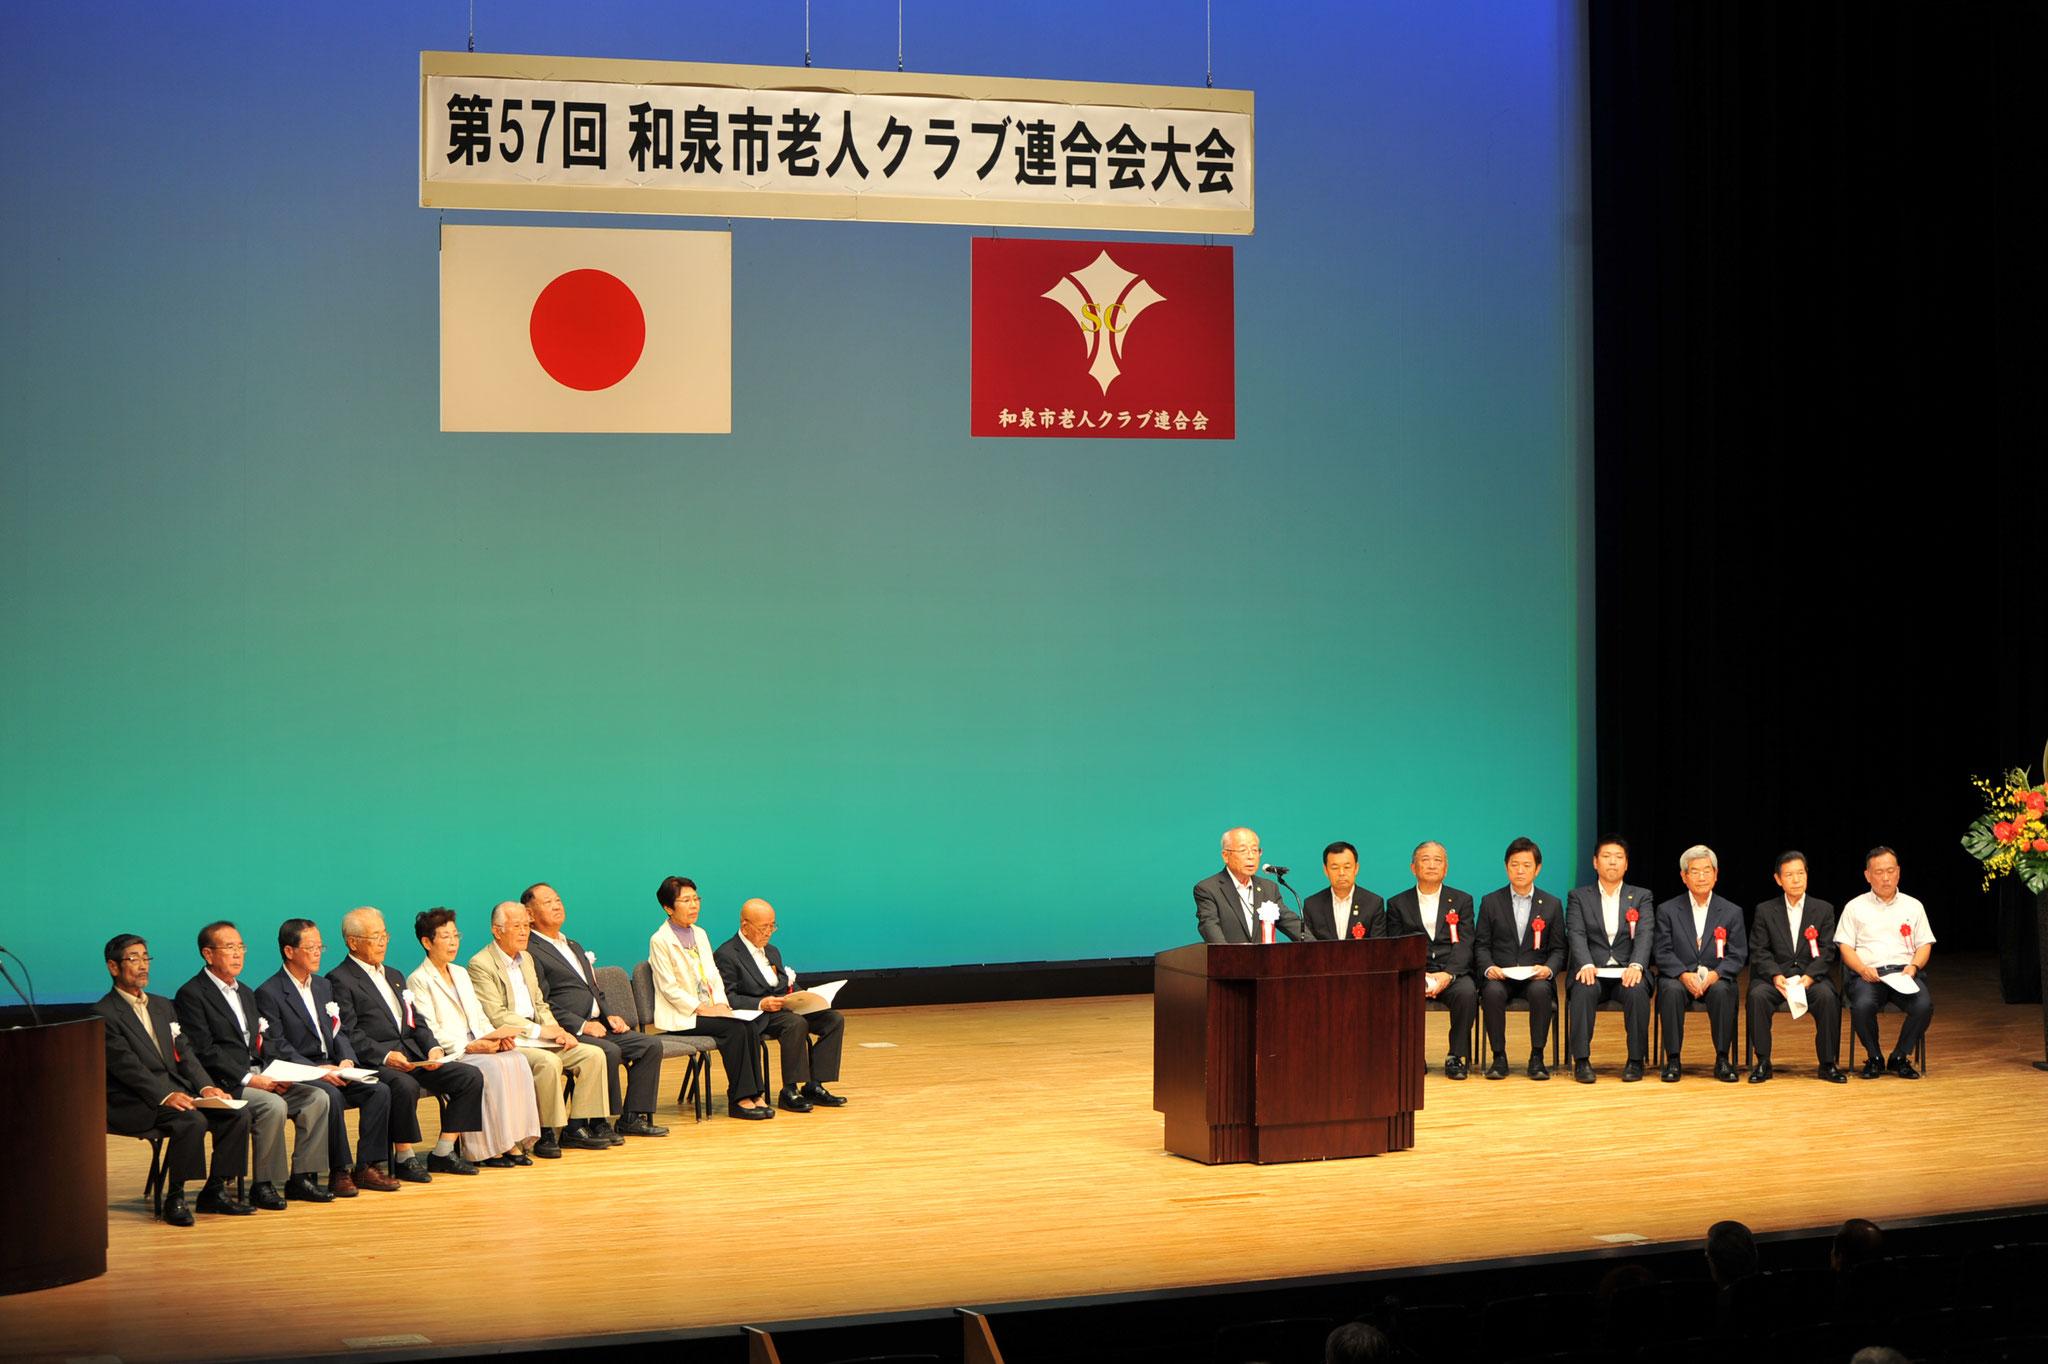 令和元年第57回和泉市老人クラブ連合会大会